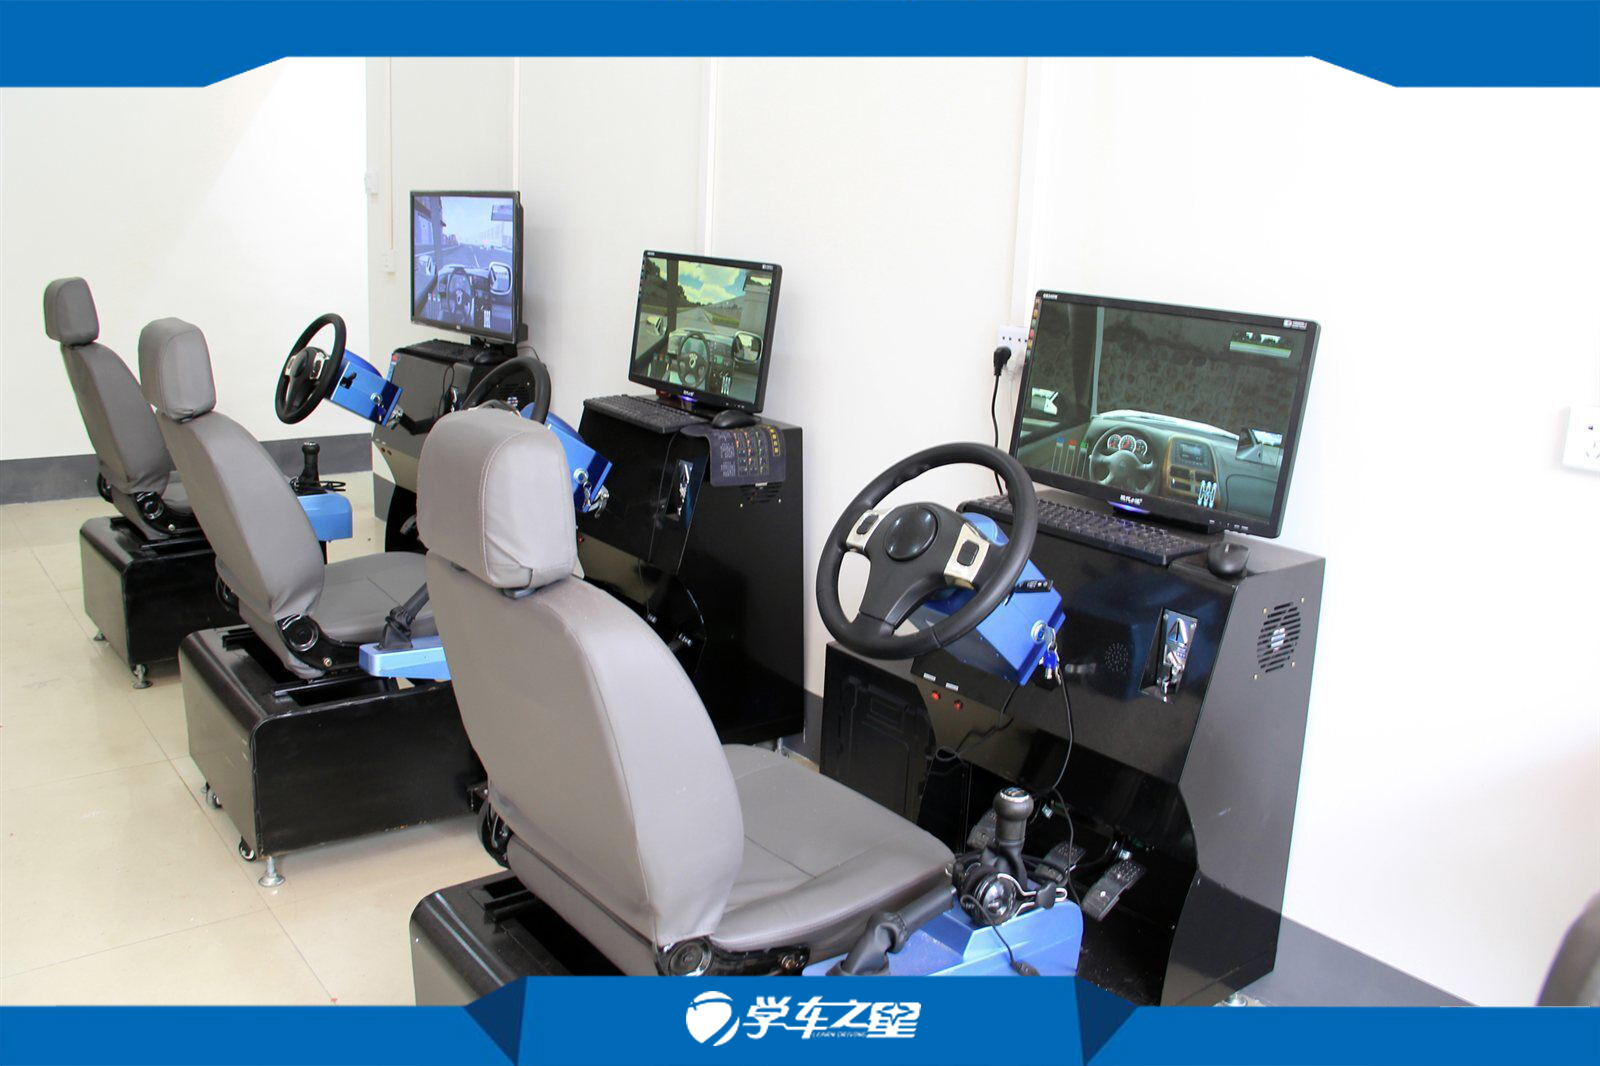 汕尾赚大钱的小本生意 加盟模拟驾驶训练馆